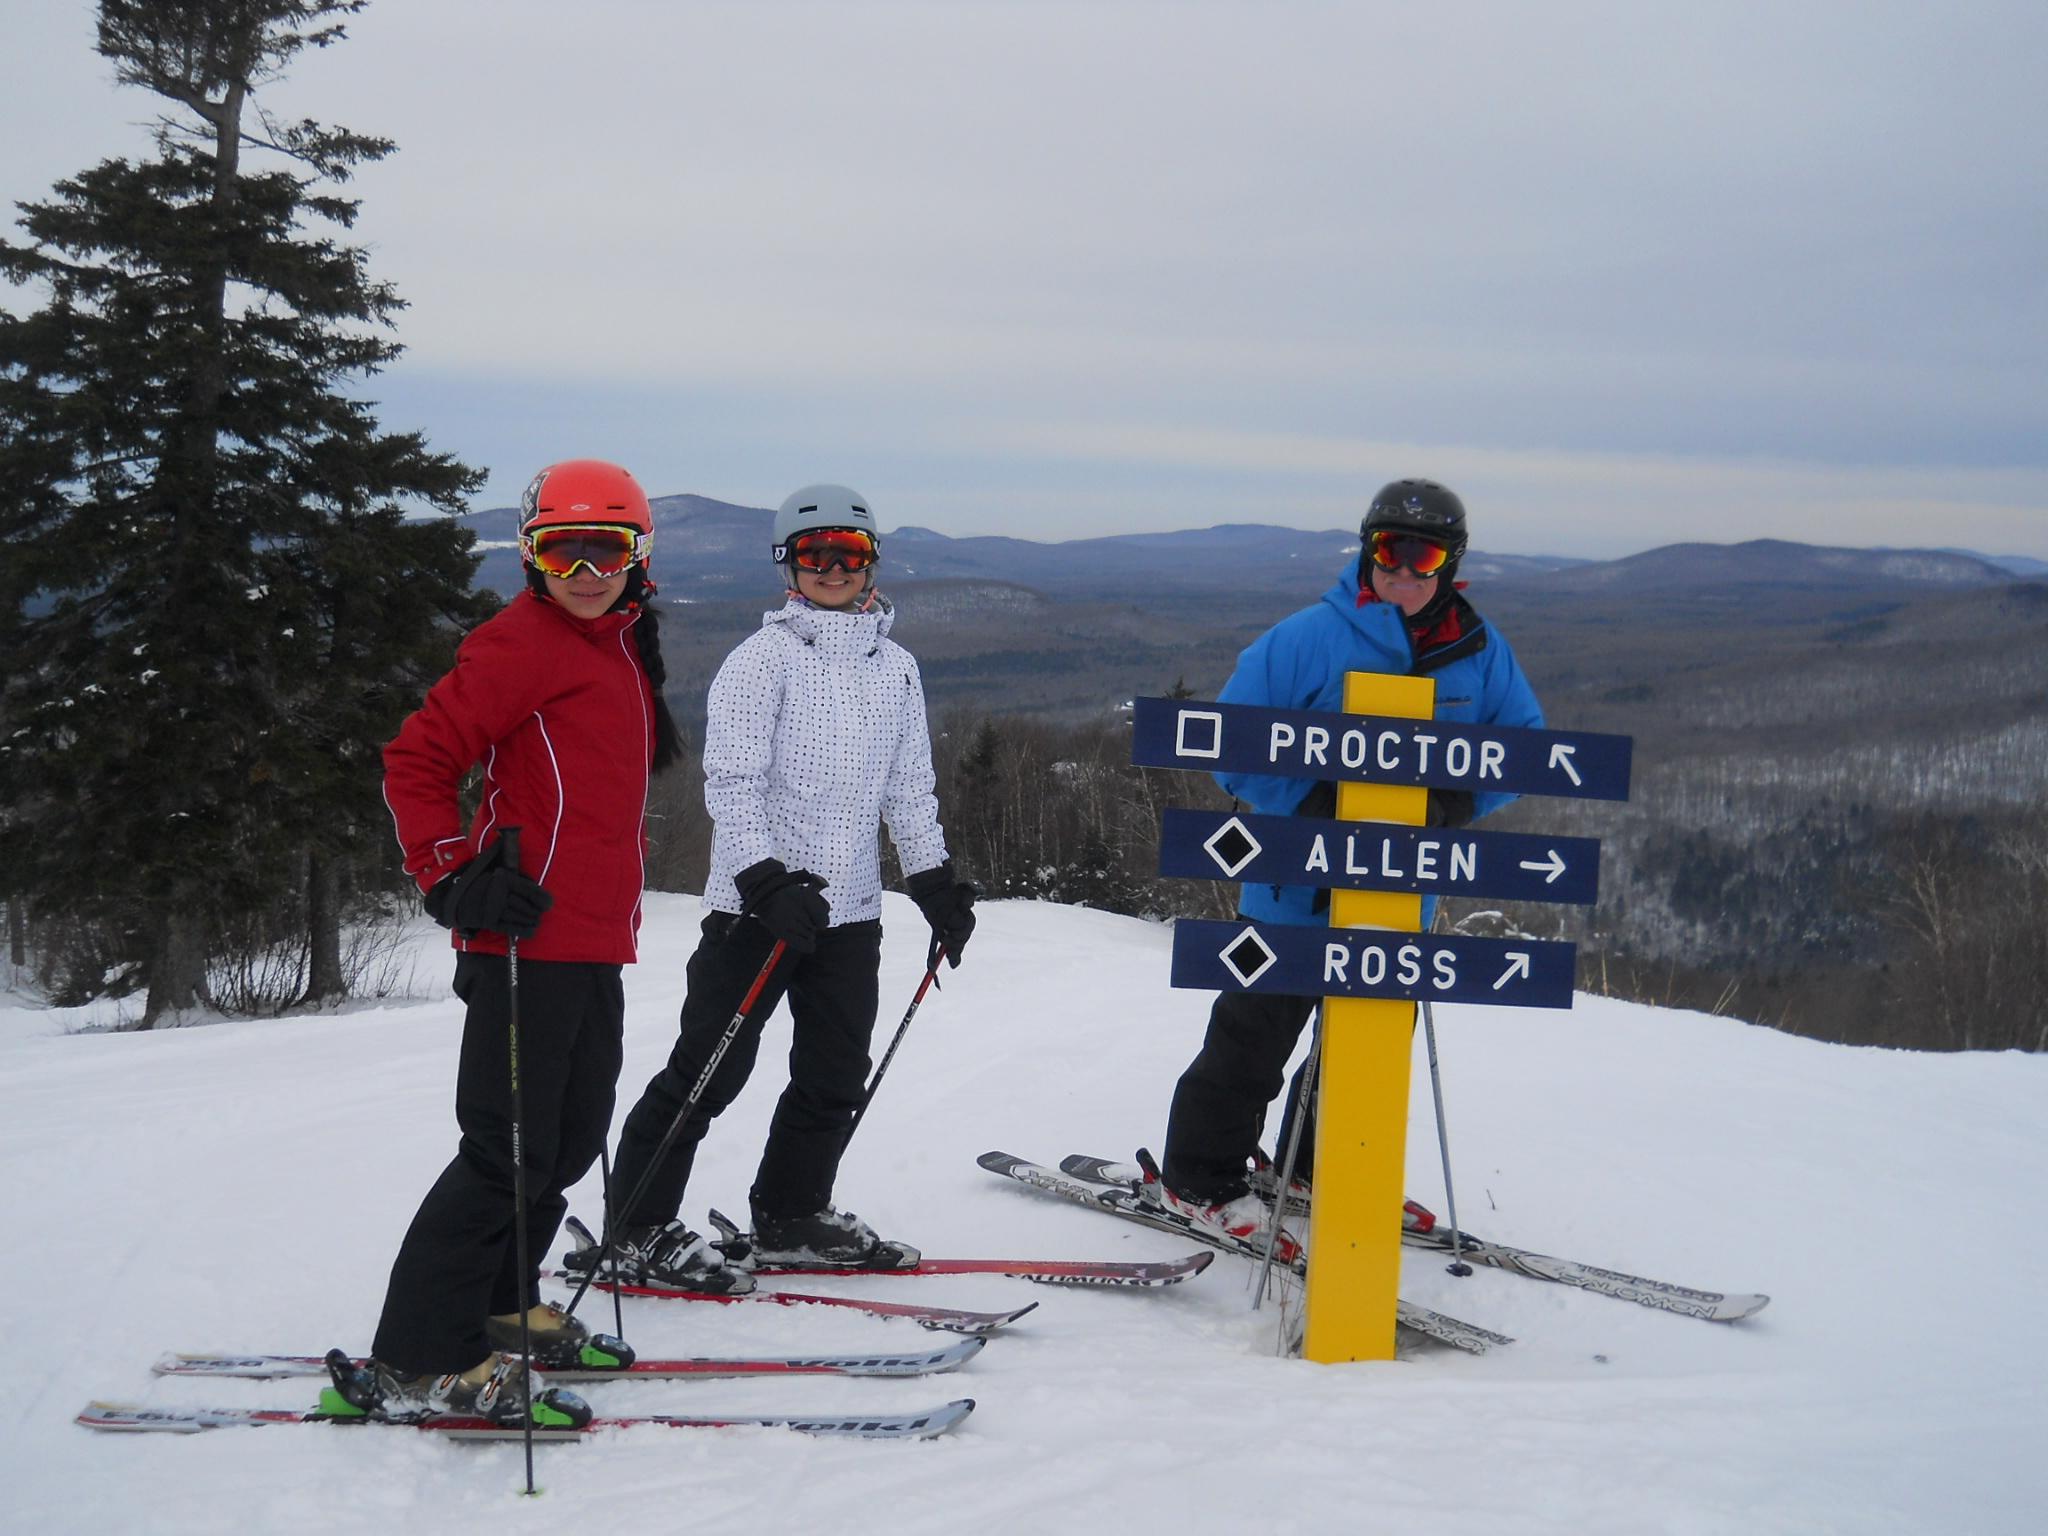 Middlebury Snow Bowl Skiing Family